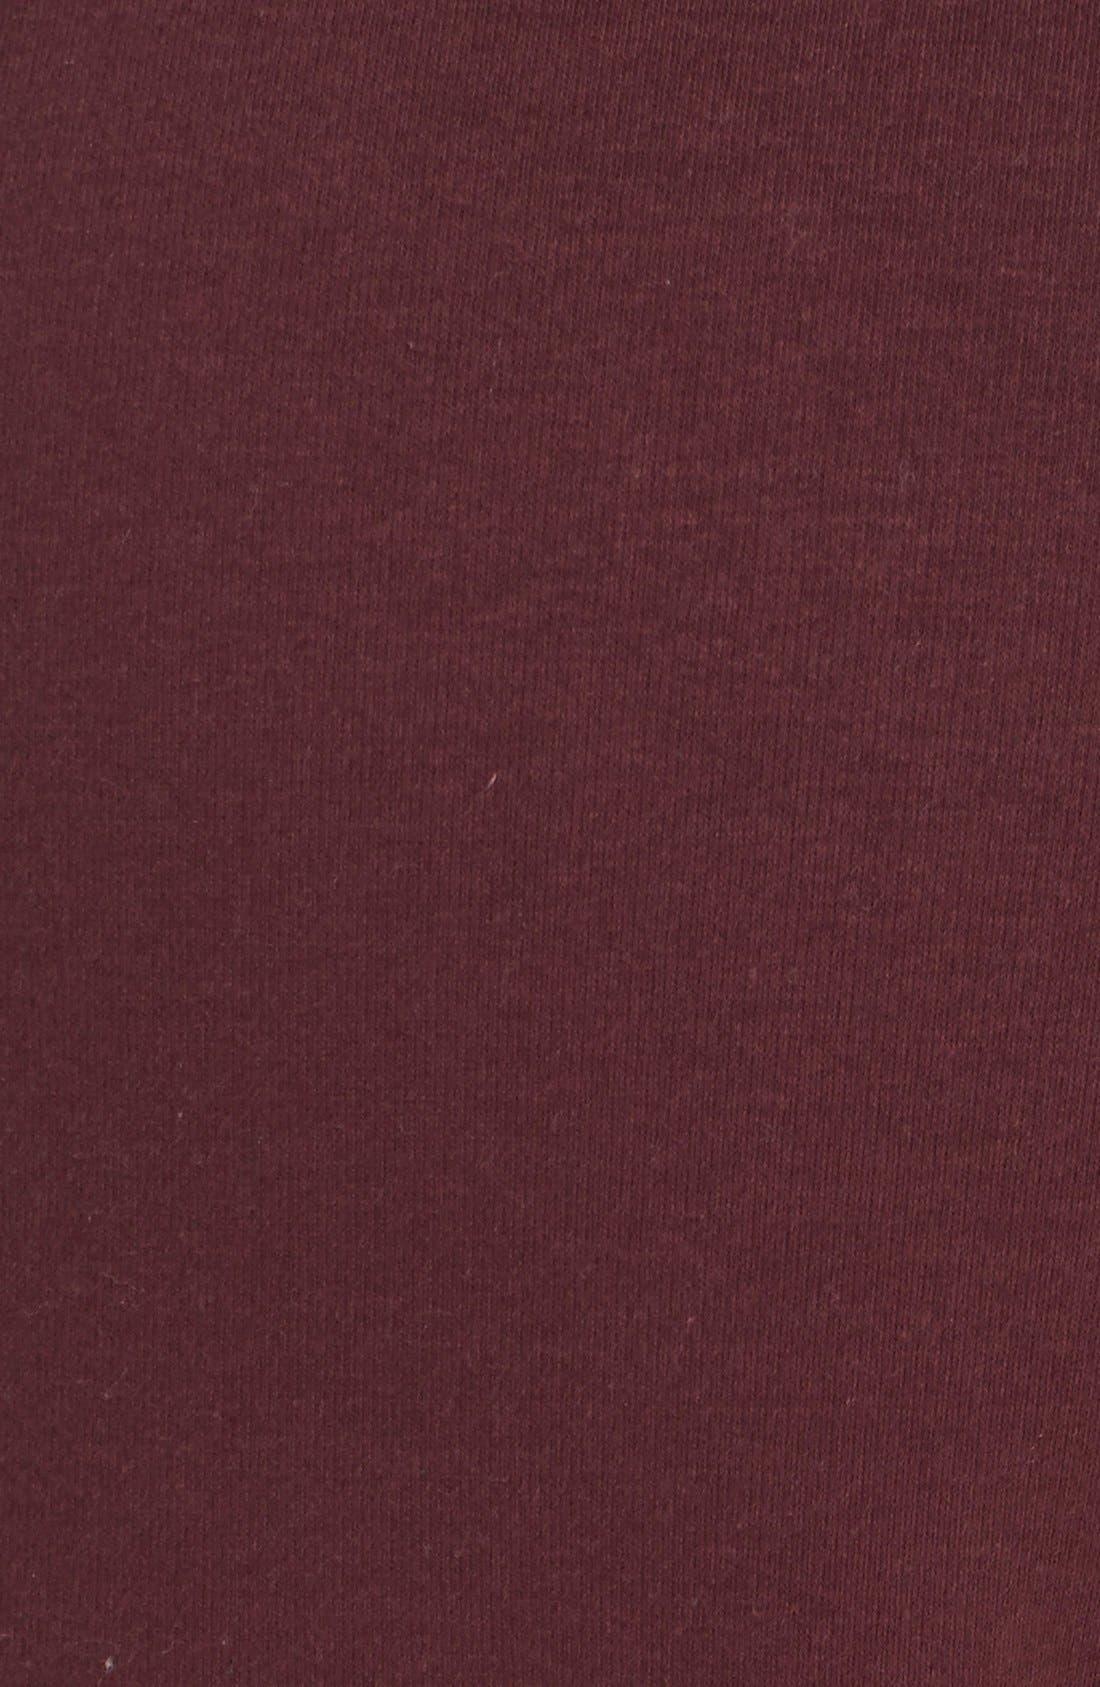 'Collins' Double Knit Pants,                             Alternate thumbnail 46, color,